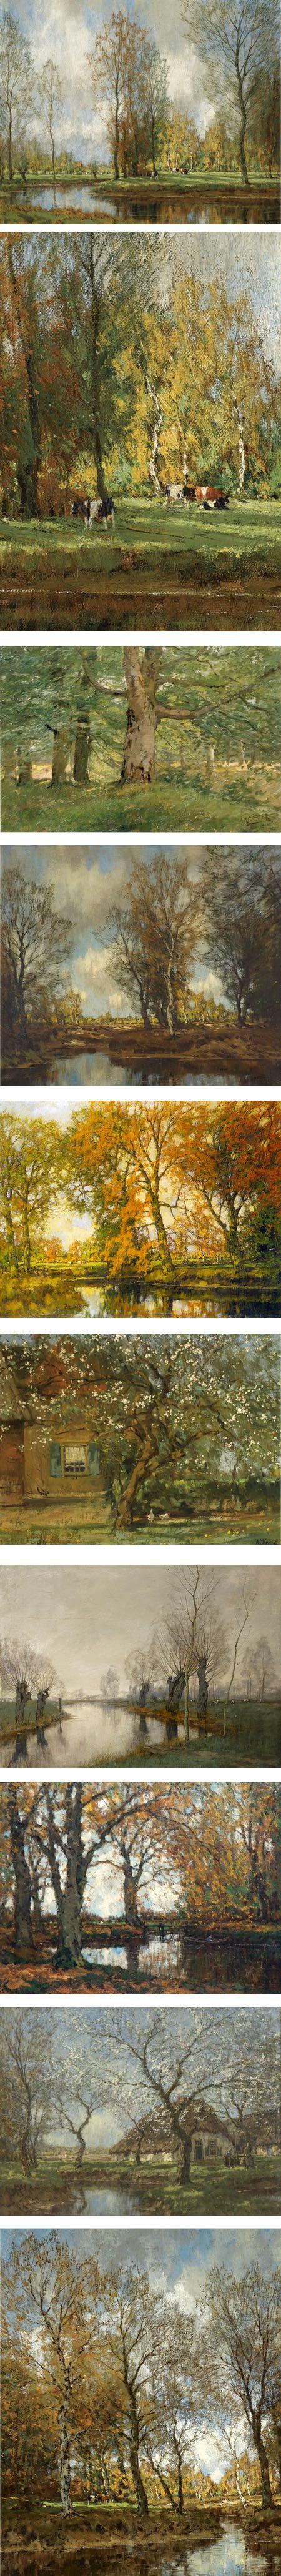 Arnold Marc Gorter, Dutch landscape painter